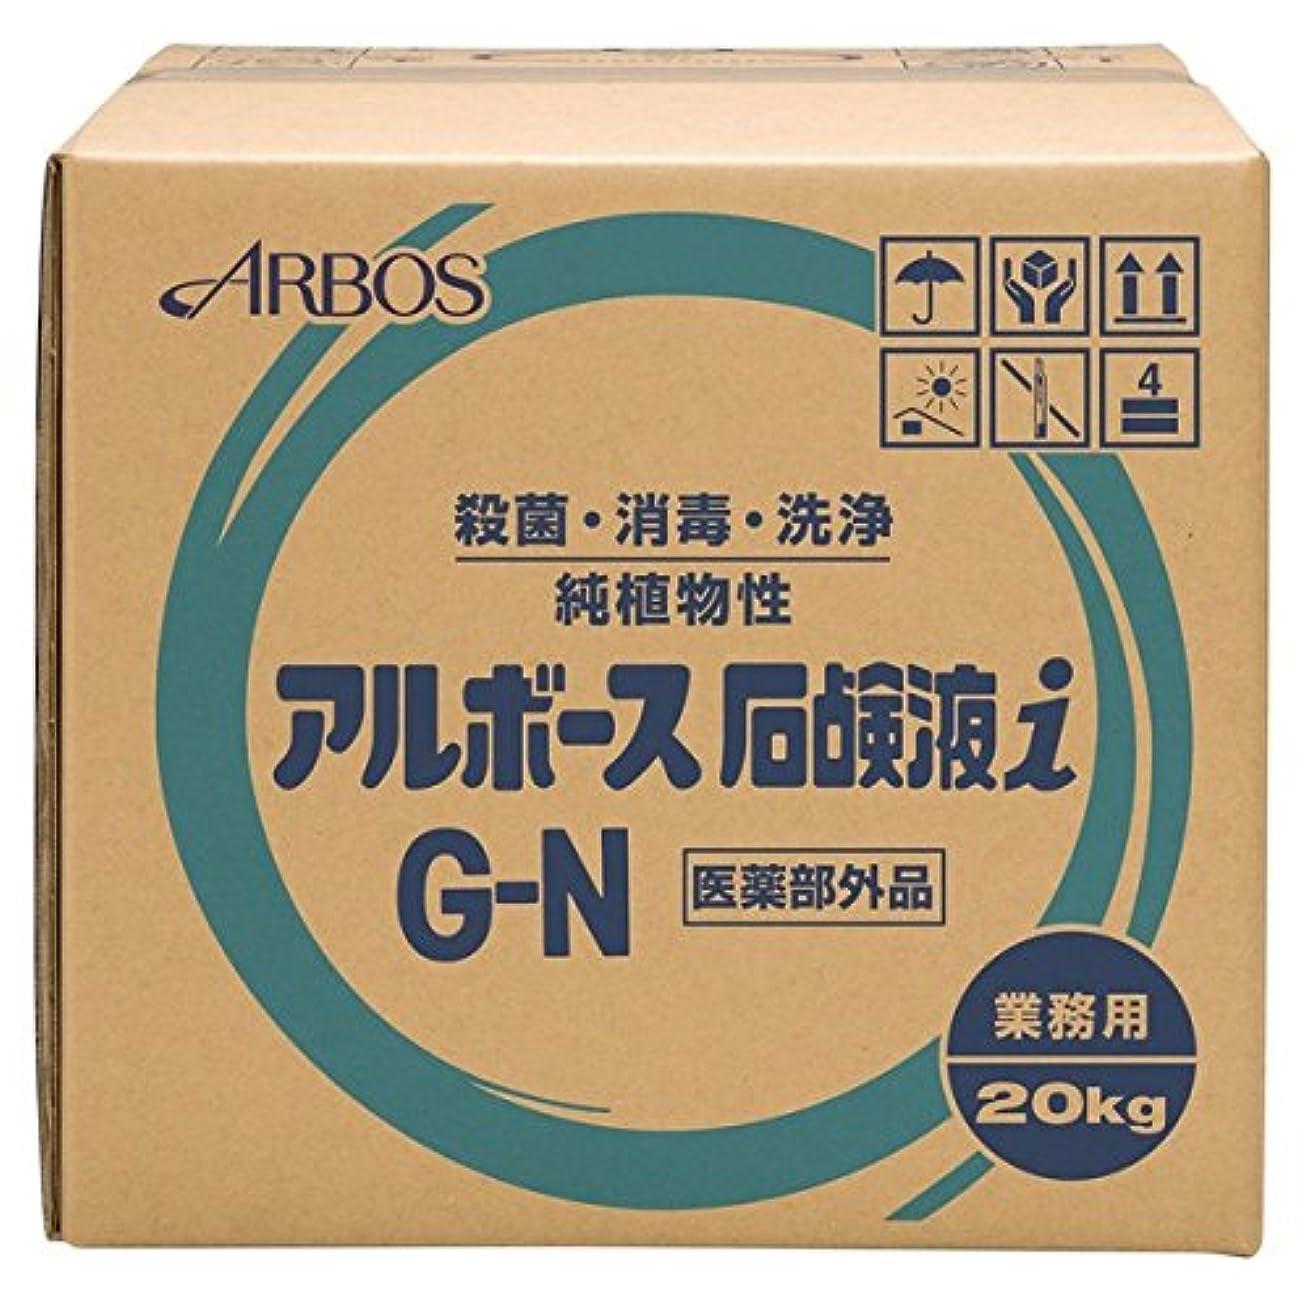 アーク緯度イースターアルボース 薬用ハンドソープ アルボース石鹸液i G-N 濃縮タイプ 20kg